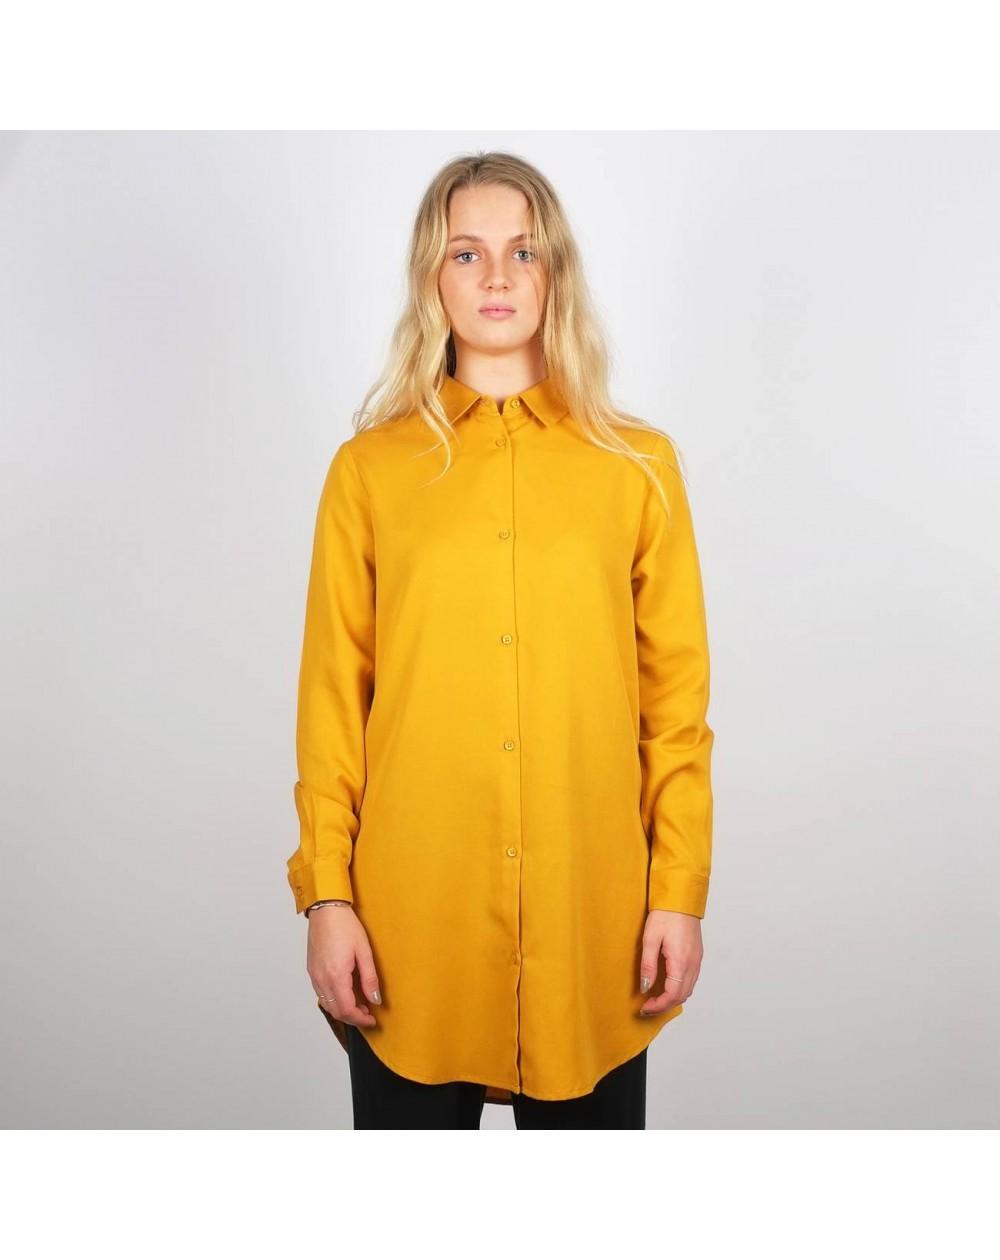 nederlandse fashion webshops